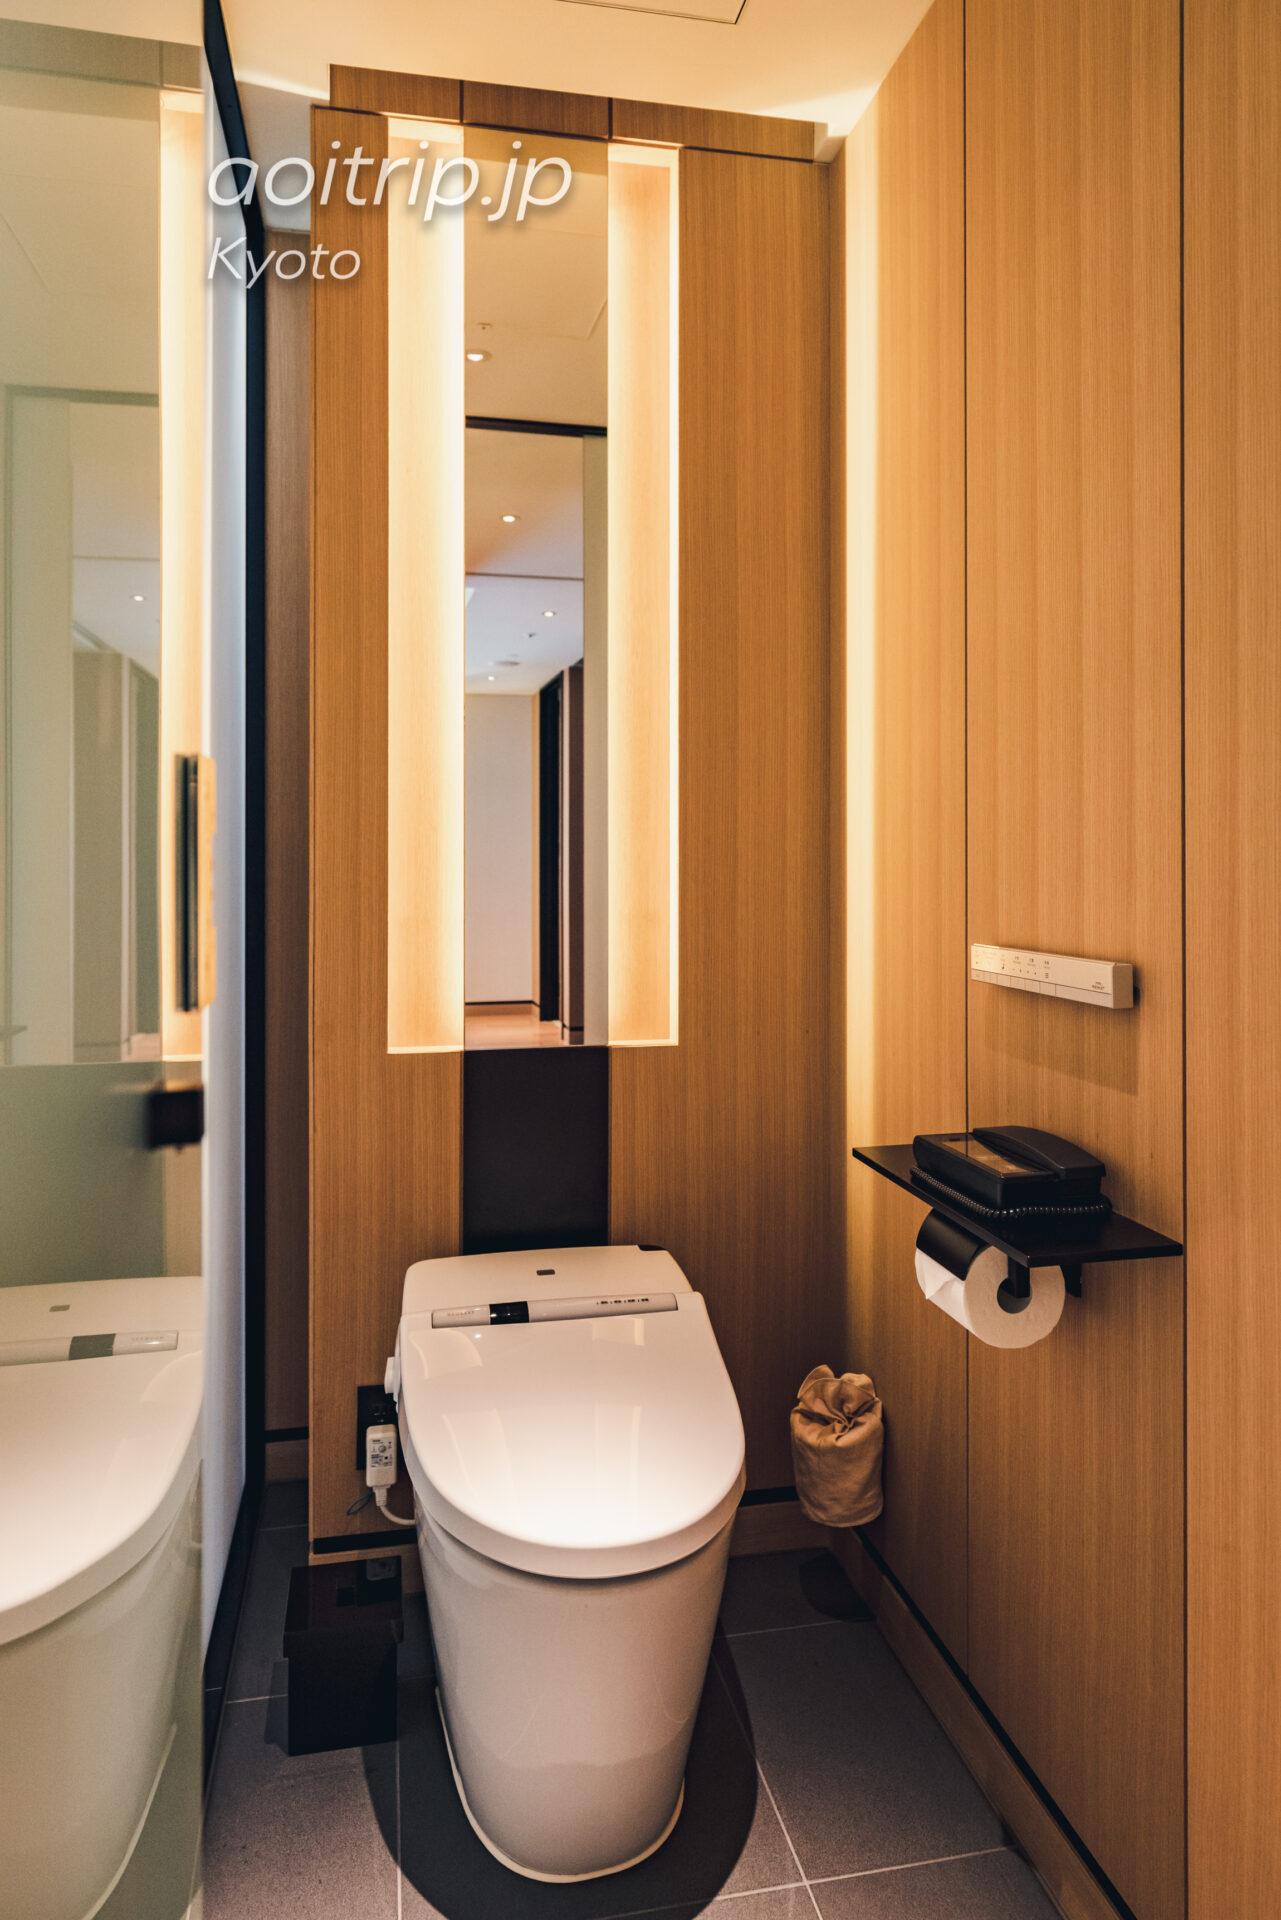 ザ リッツ カールトン京都 The Ritz-Carlton Kyoto コーナースイート KITA Courner Suite KITA トイレ